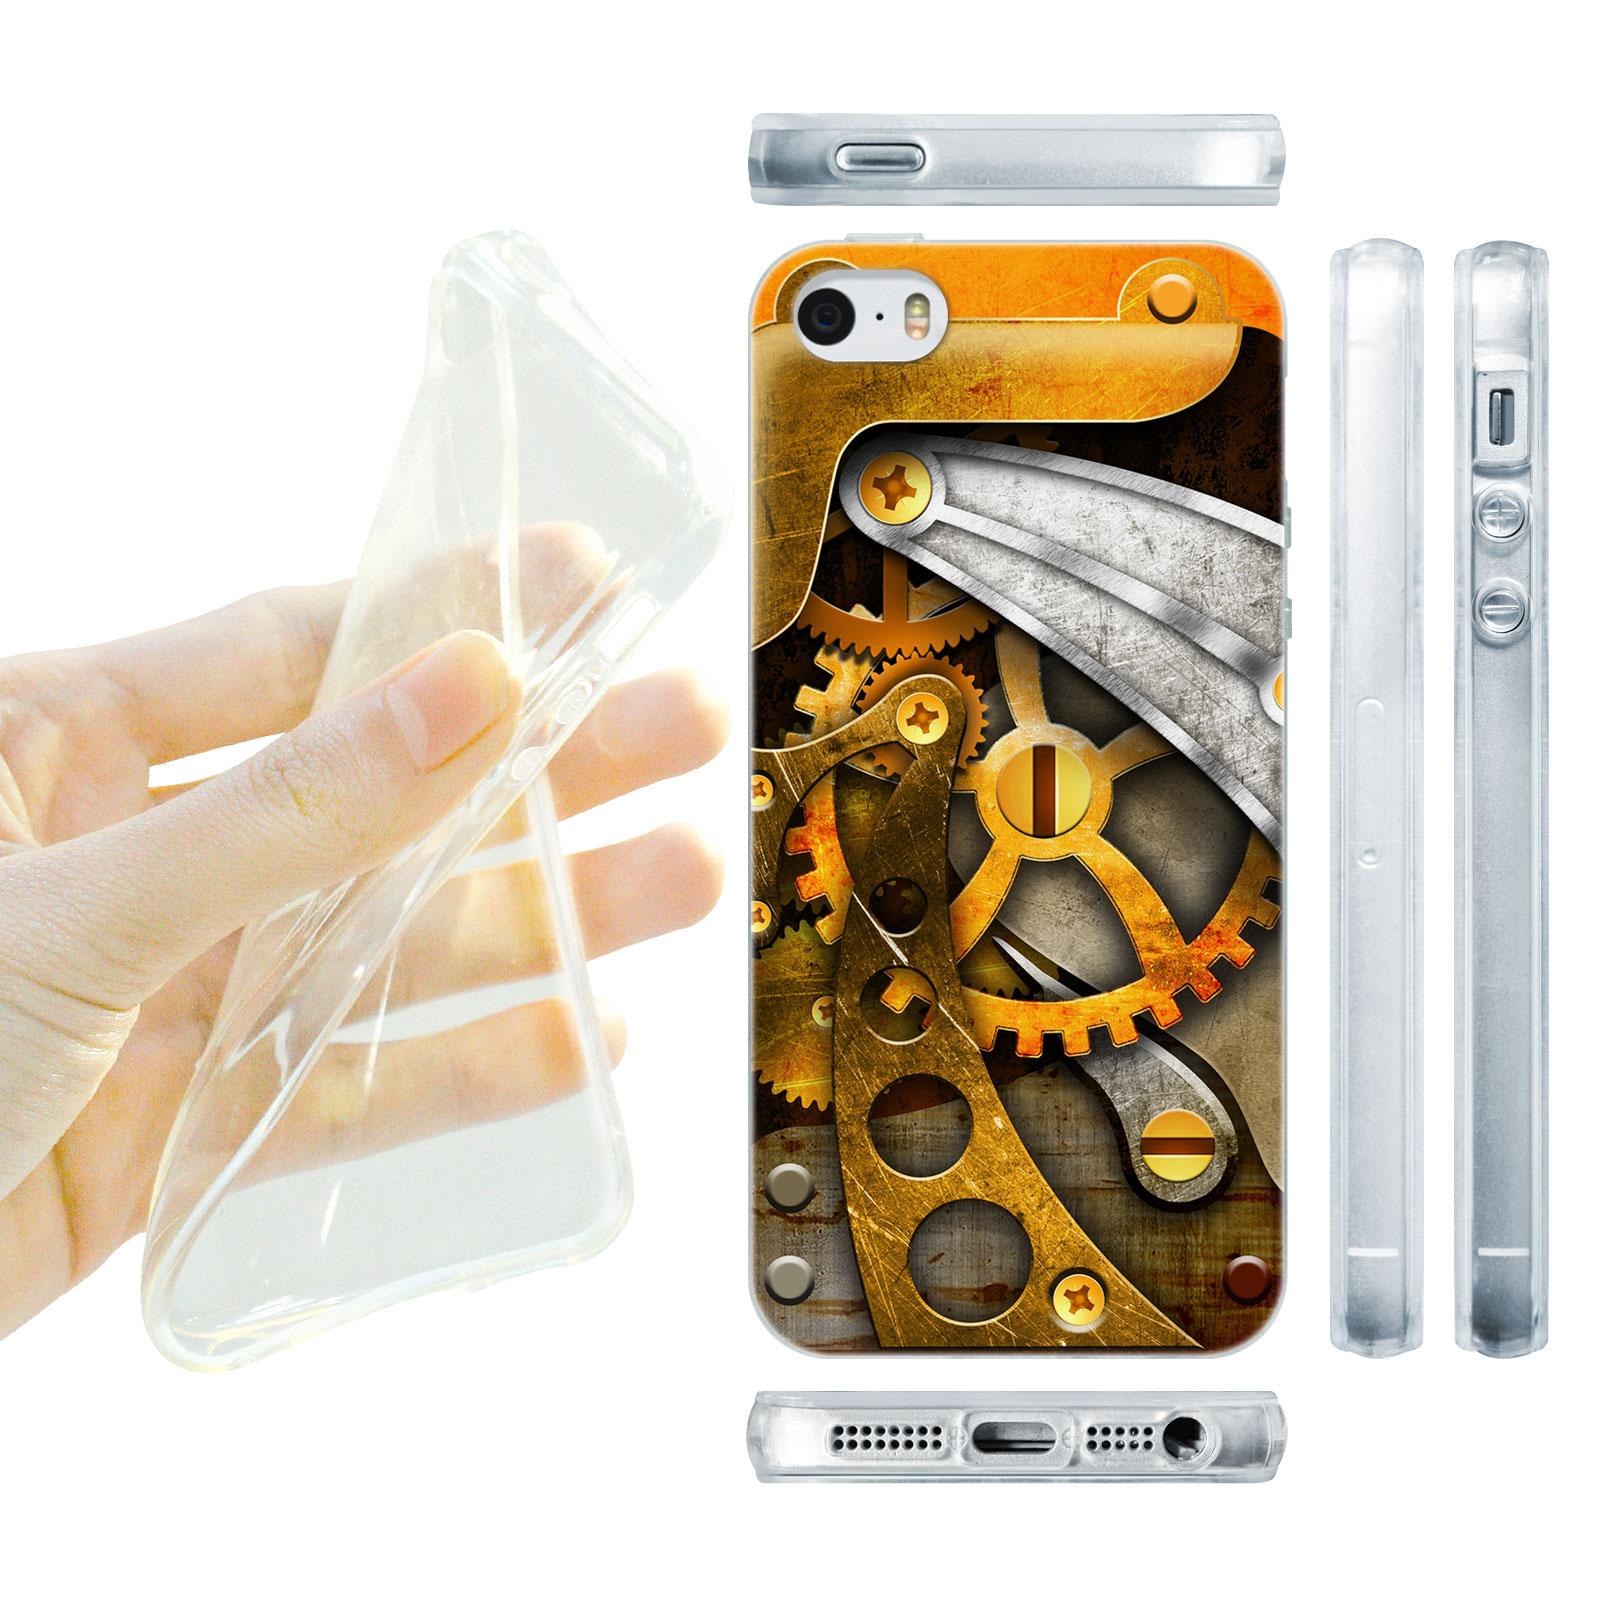 HEAD CASE silikonový obal na mobil Iphone 5/5S Vzor stroj kolečka zlatá barva